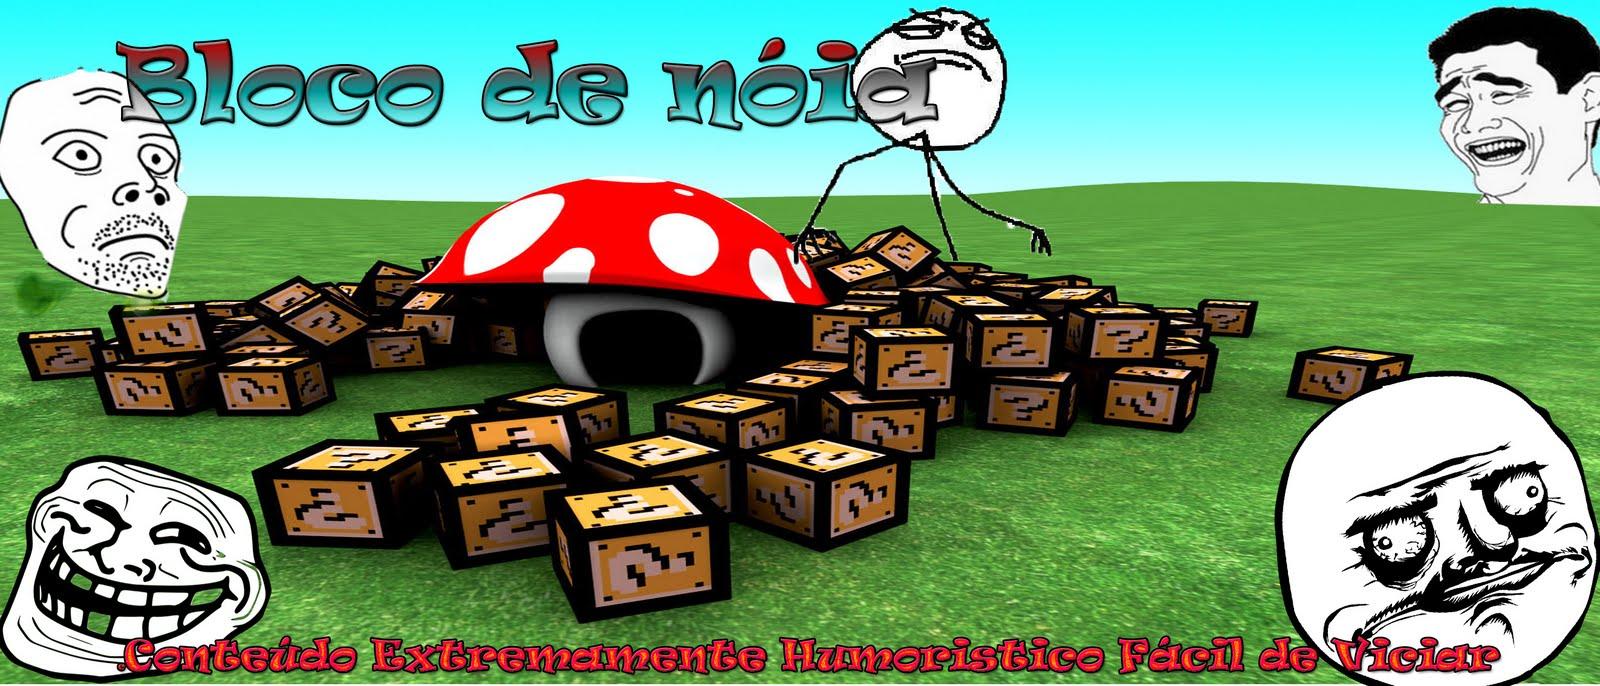 Bloco De Nóia - Humor Que Vicia Mano!